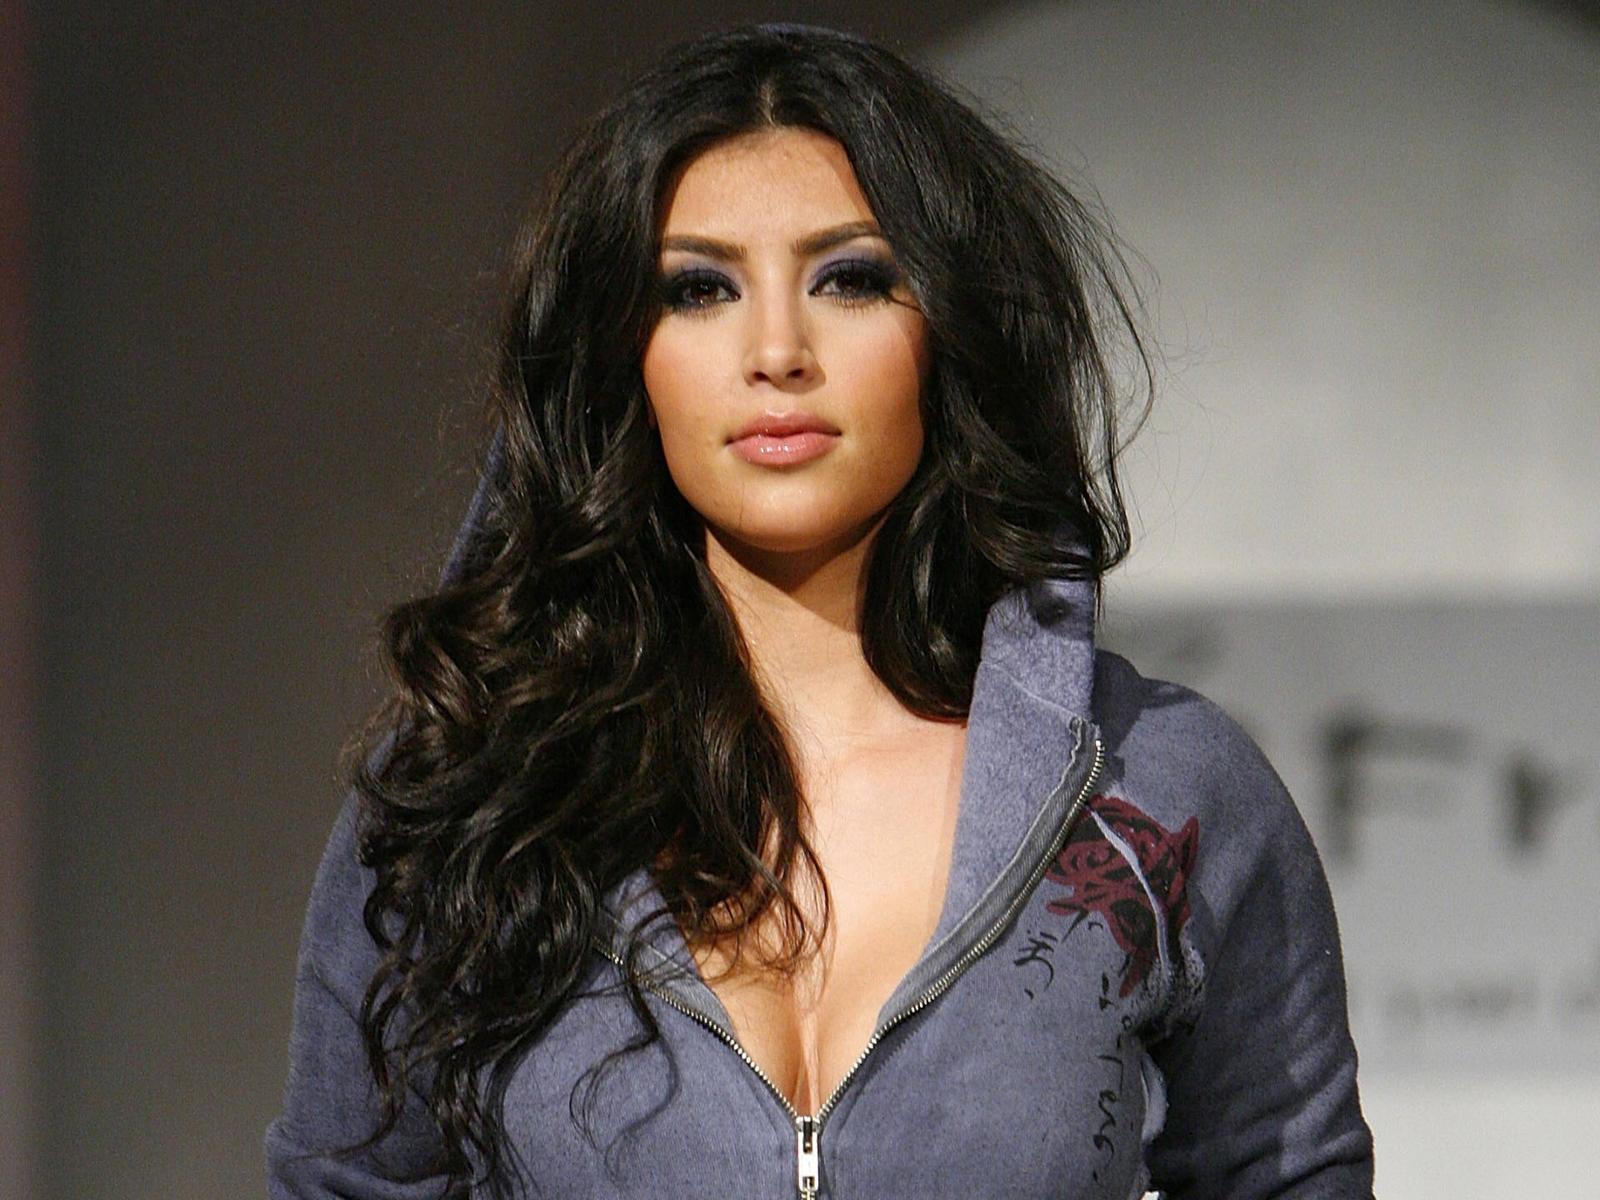 http://3.bp.blogspot.com/-QJqI-nu02v0/T7gDGPV72qI/AAAAAAAABWw/dnWwaoMxxRk/s1600/kim+kardashian+hot+wallpapers+5.jpg